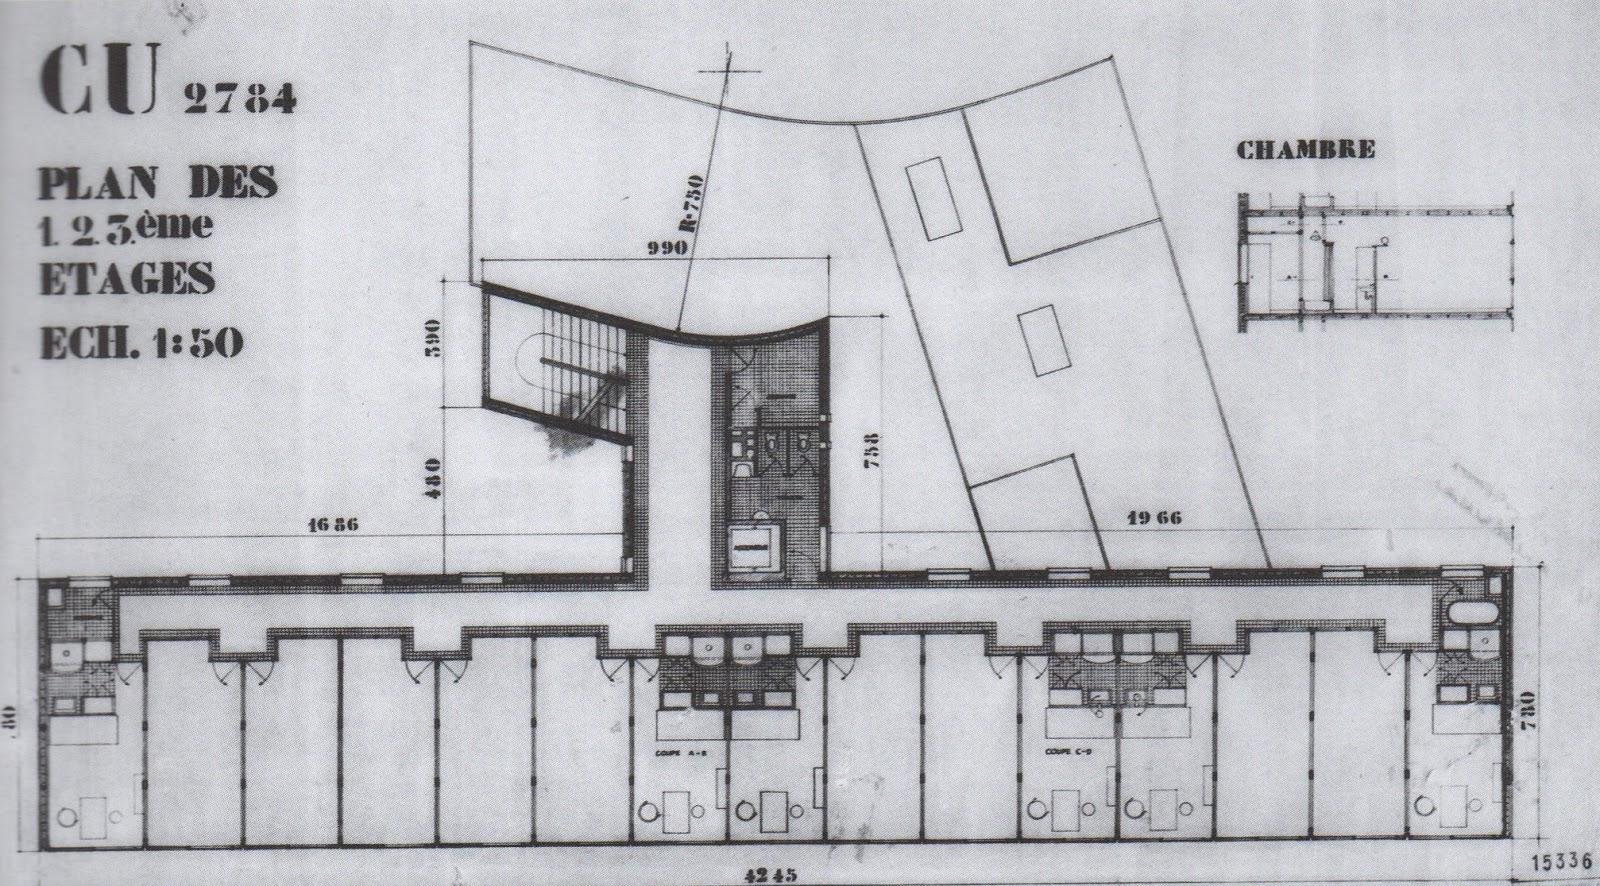 Le Corbusier, Pavillion Suisse (Paris, 1933). North is up.